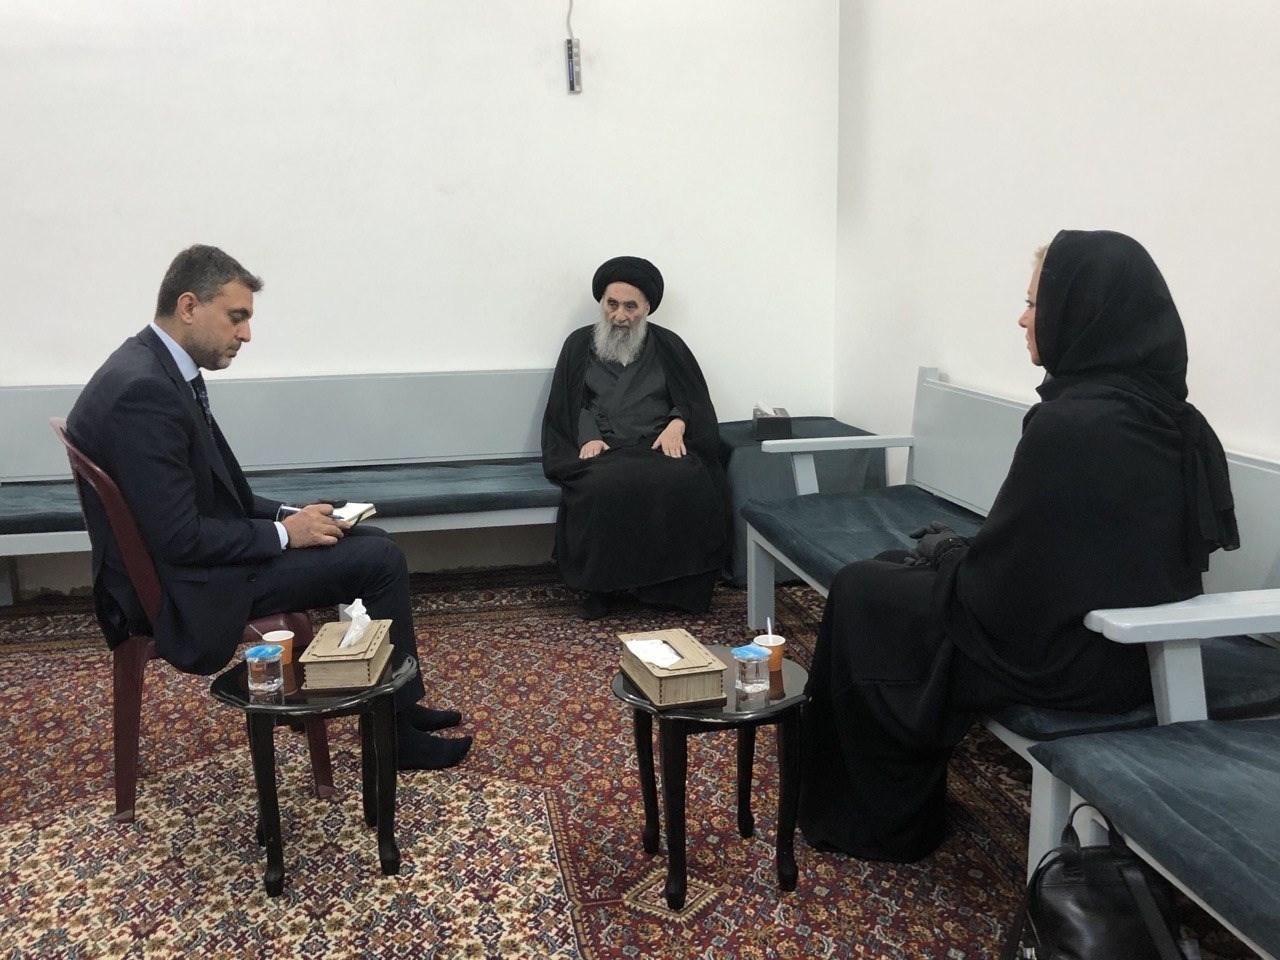 السيد السيستاني: يجب الحفاظ على سيادة العراق.. والانتخابات المبكرة أهميتها بالغة